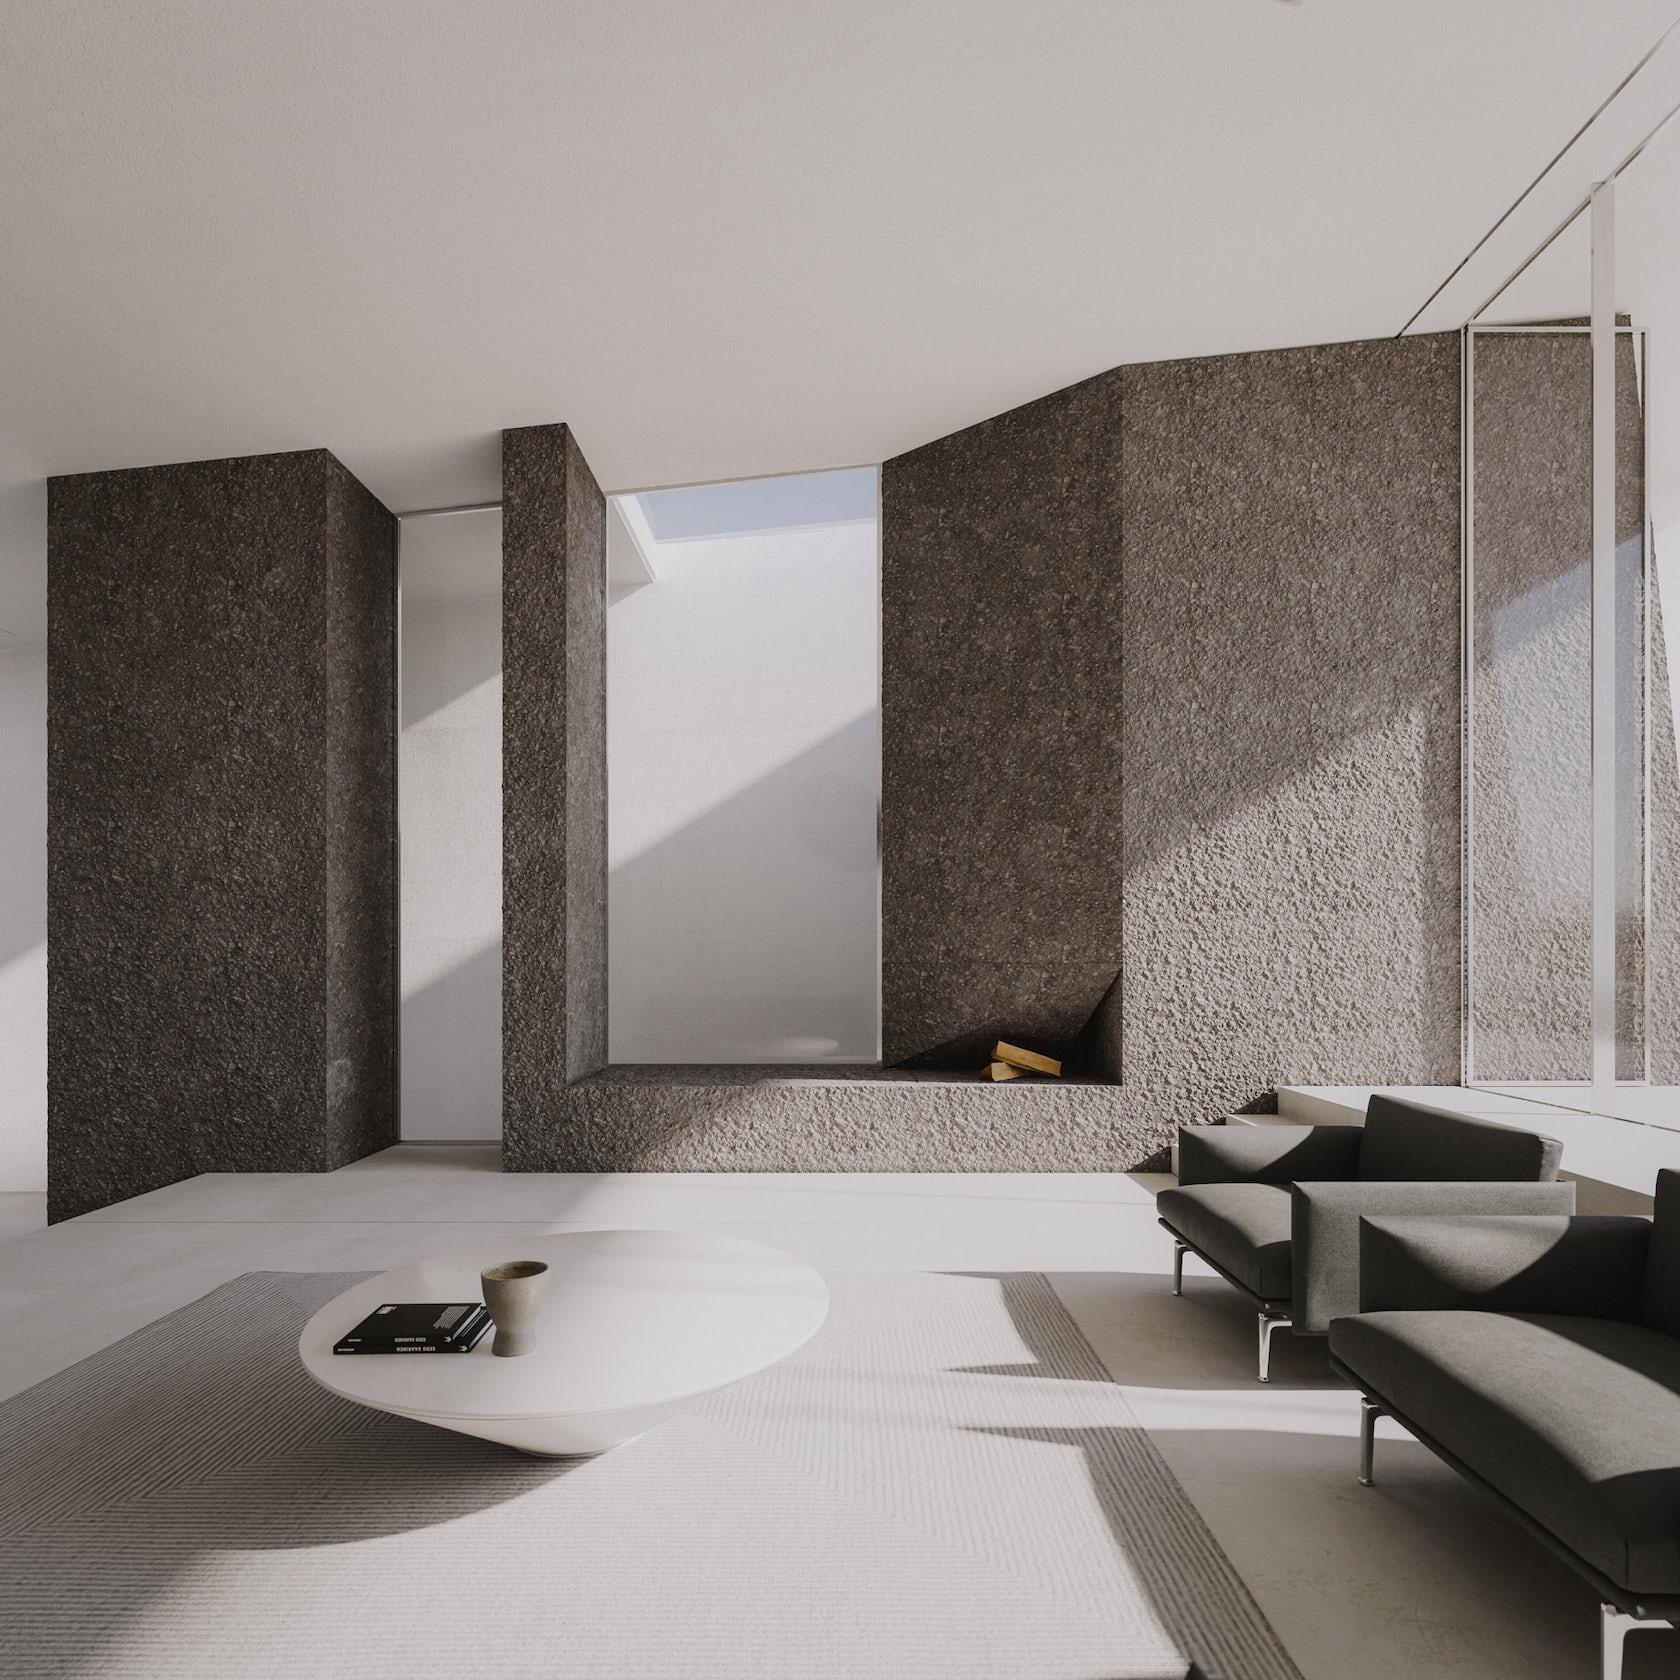 © Mado Samiou Architecture